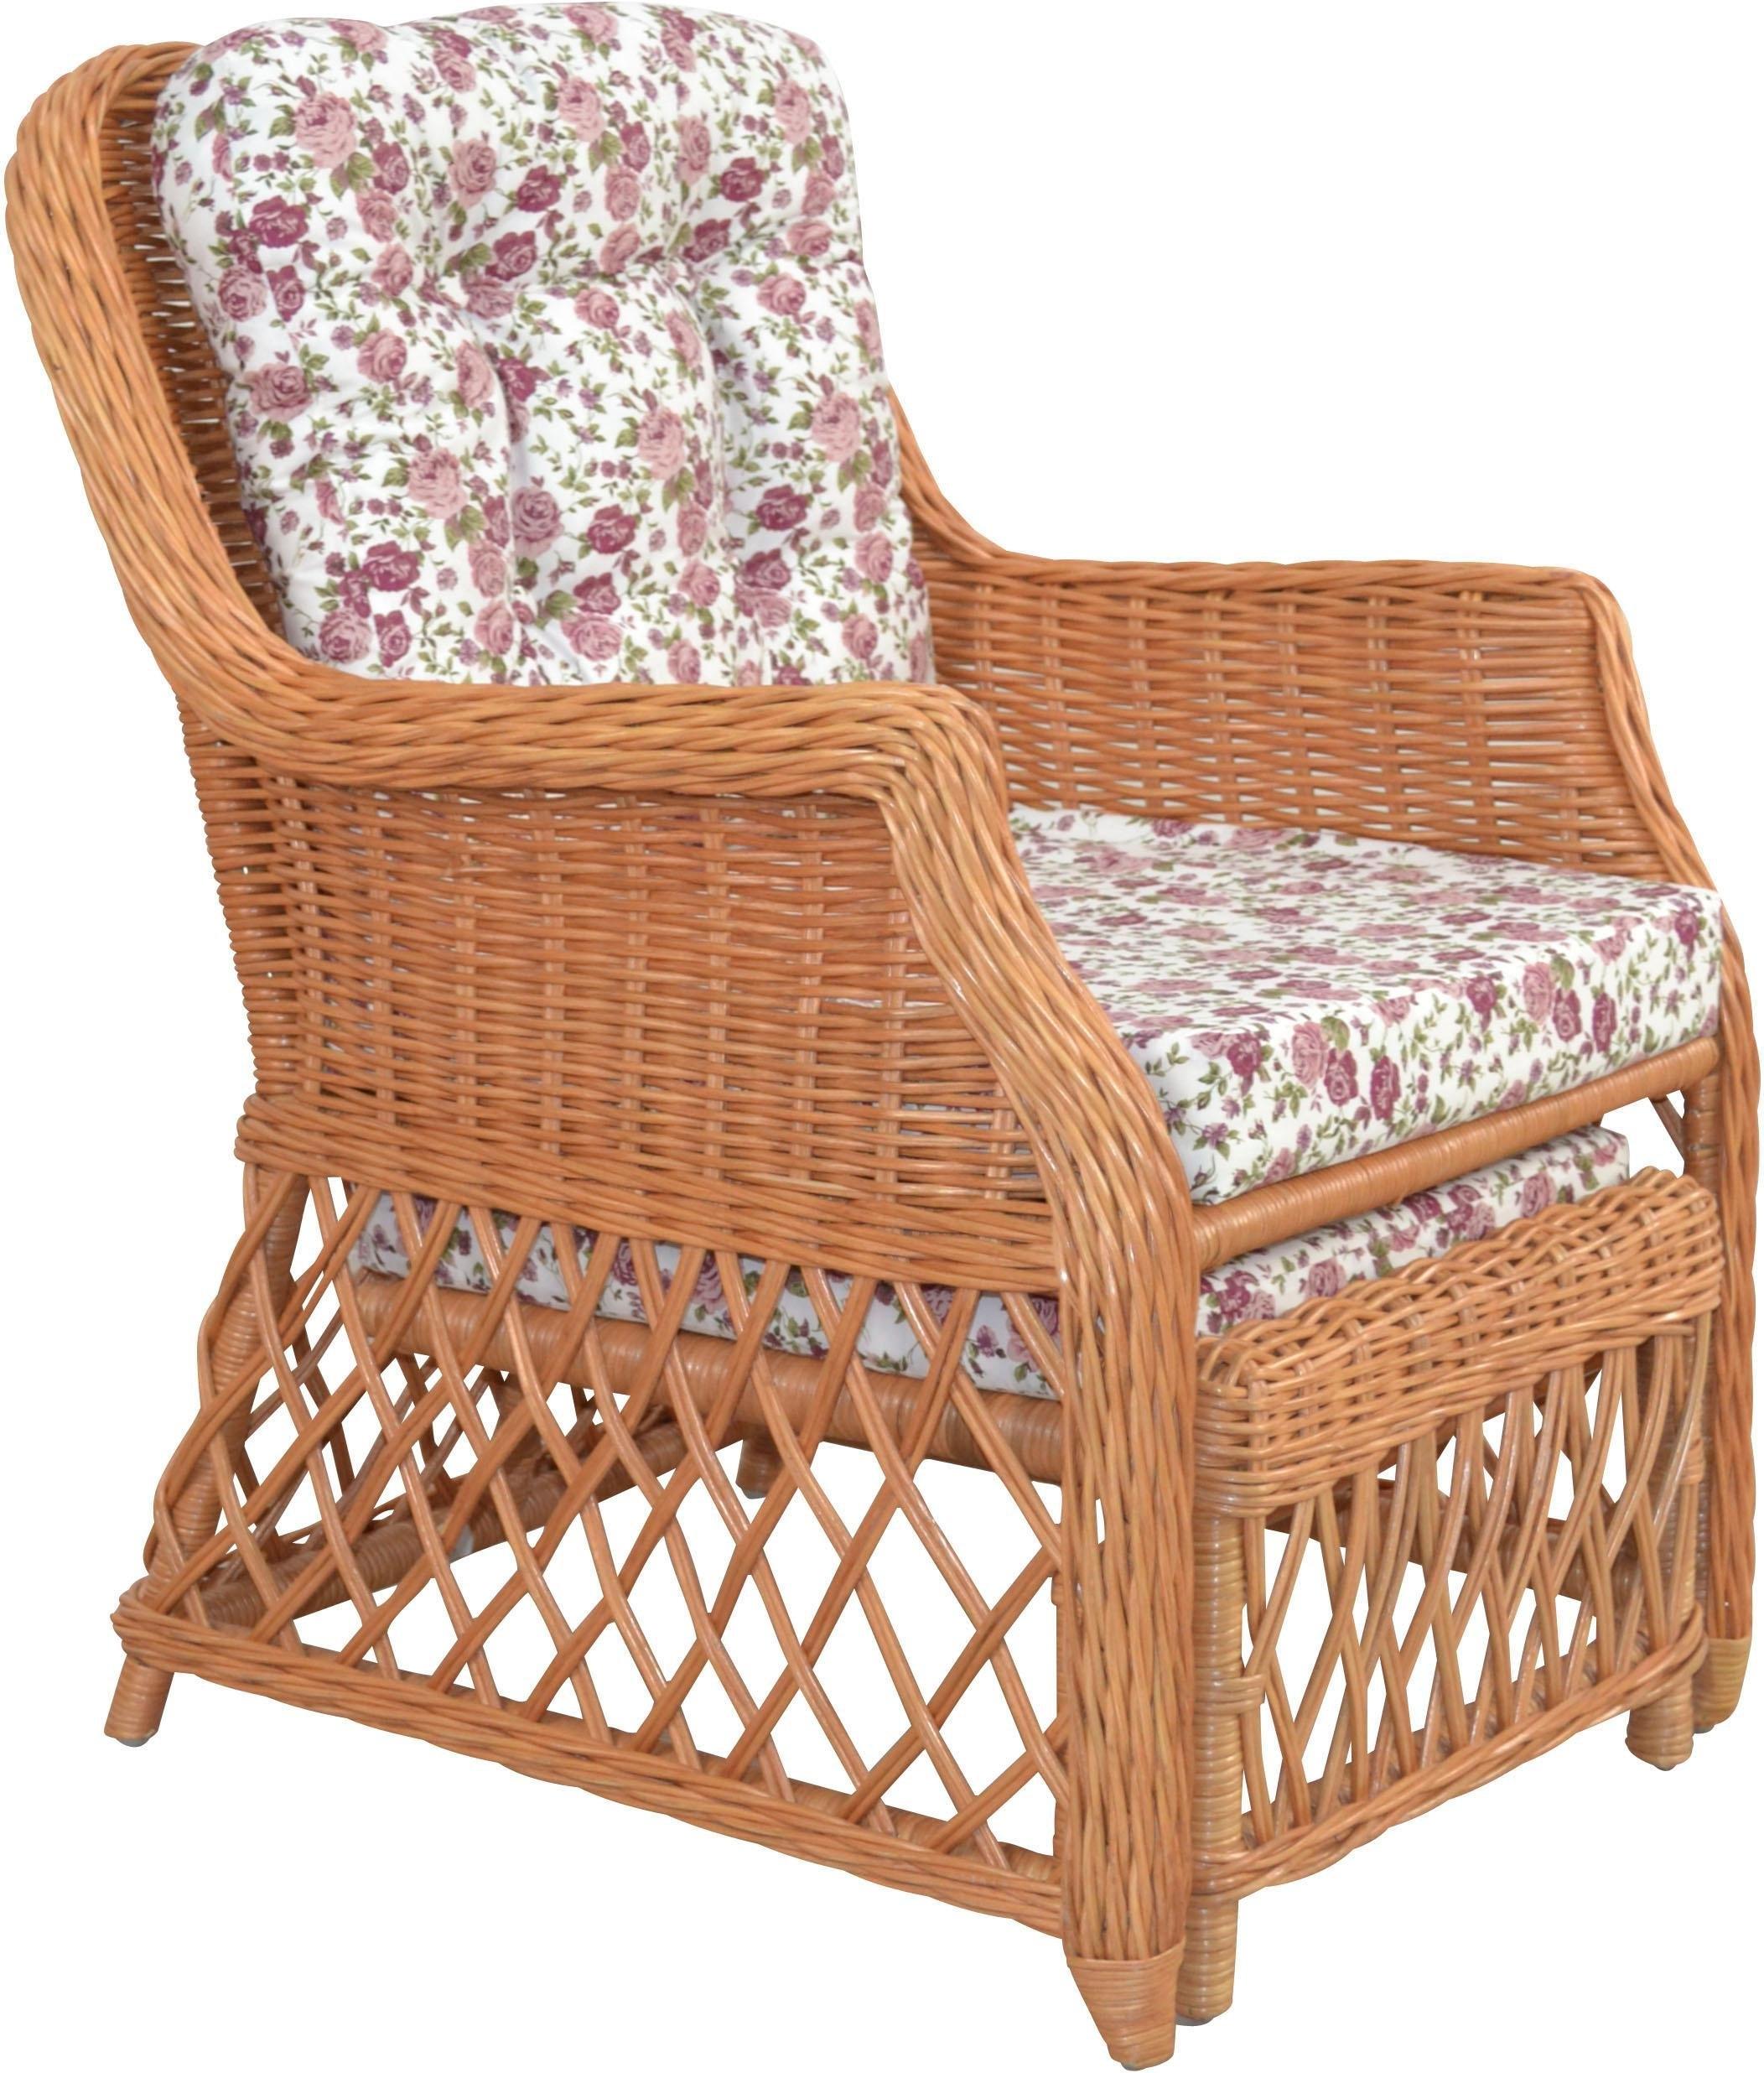 Home affaire rotanstoel Handwerk, afm. (bxdxh): (67x75x91) nu online kopen bij OTTO